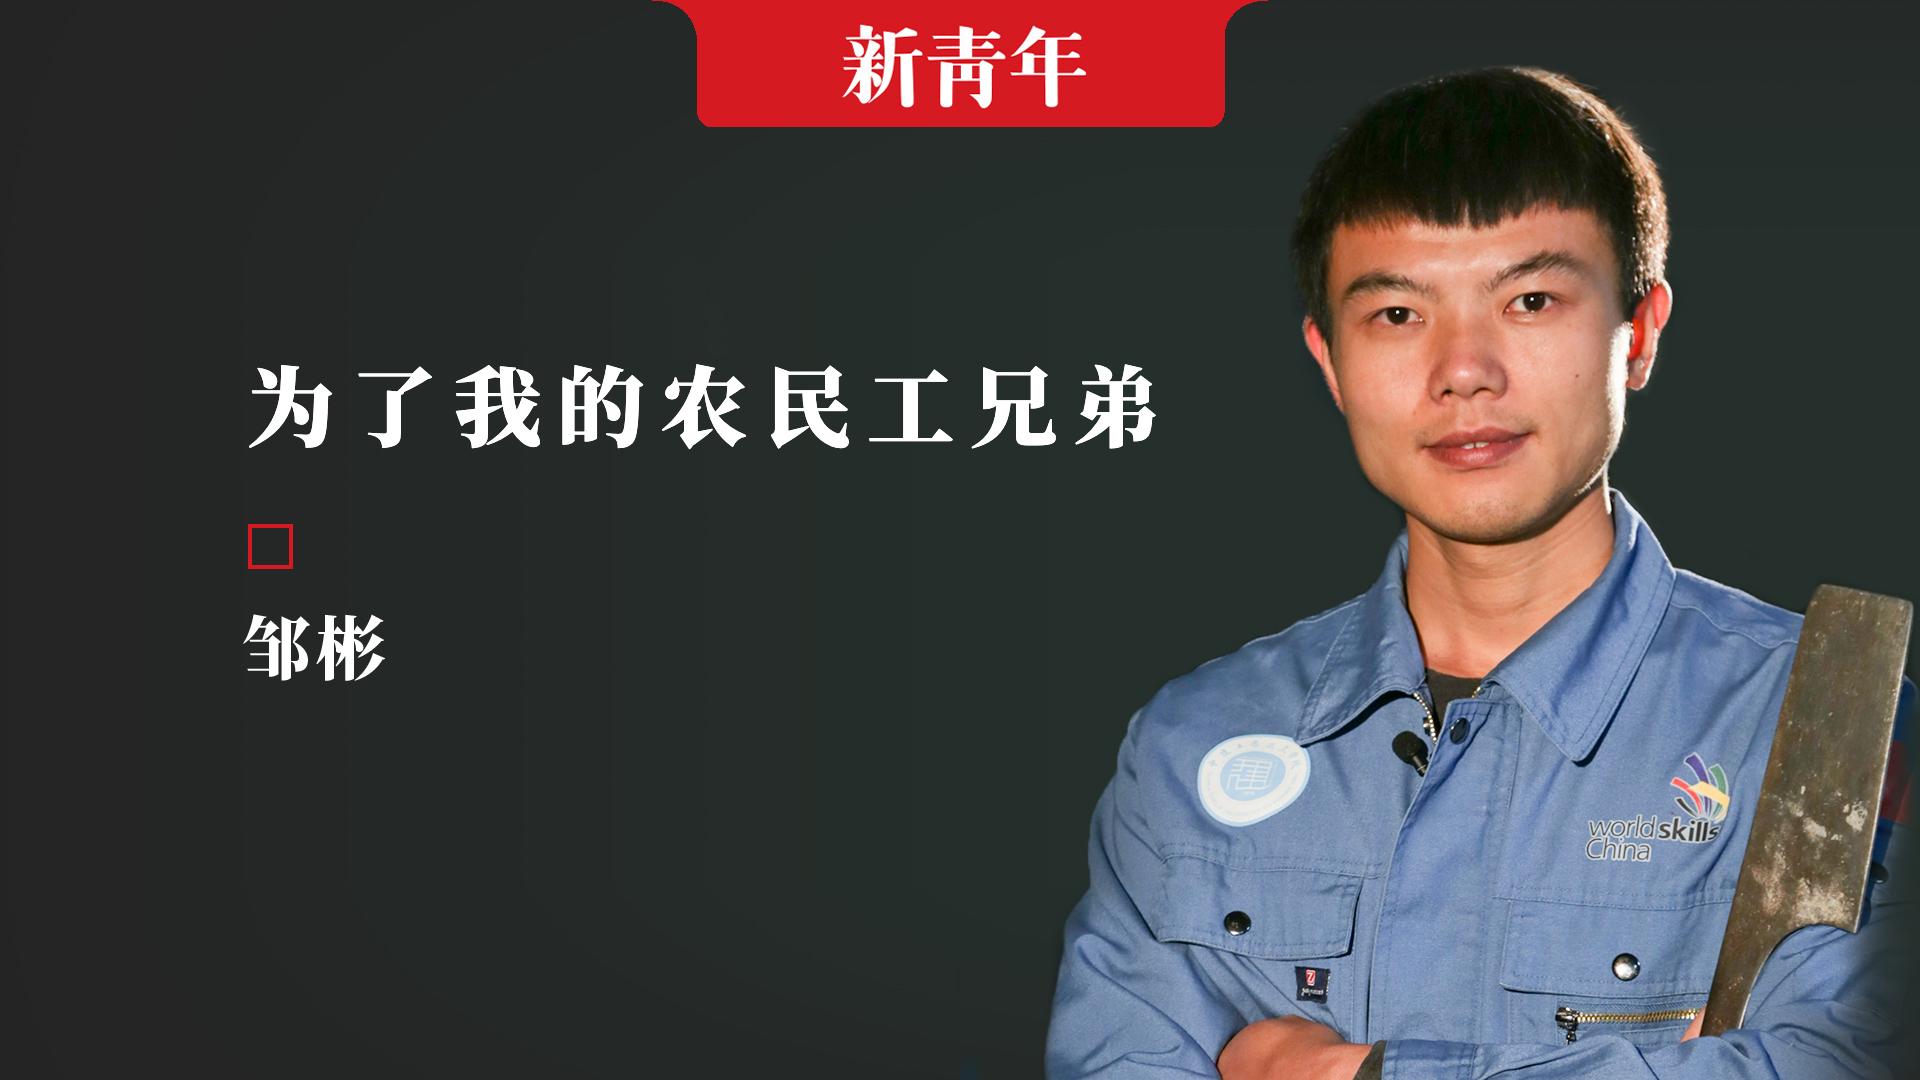 """这个95后农民工""""网红"""",凭实力走进人民大会堂"""